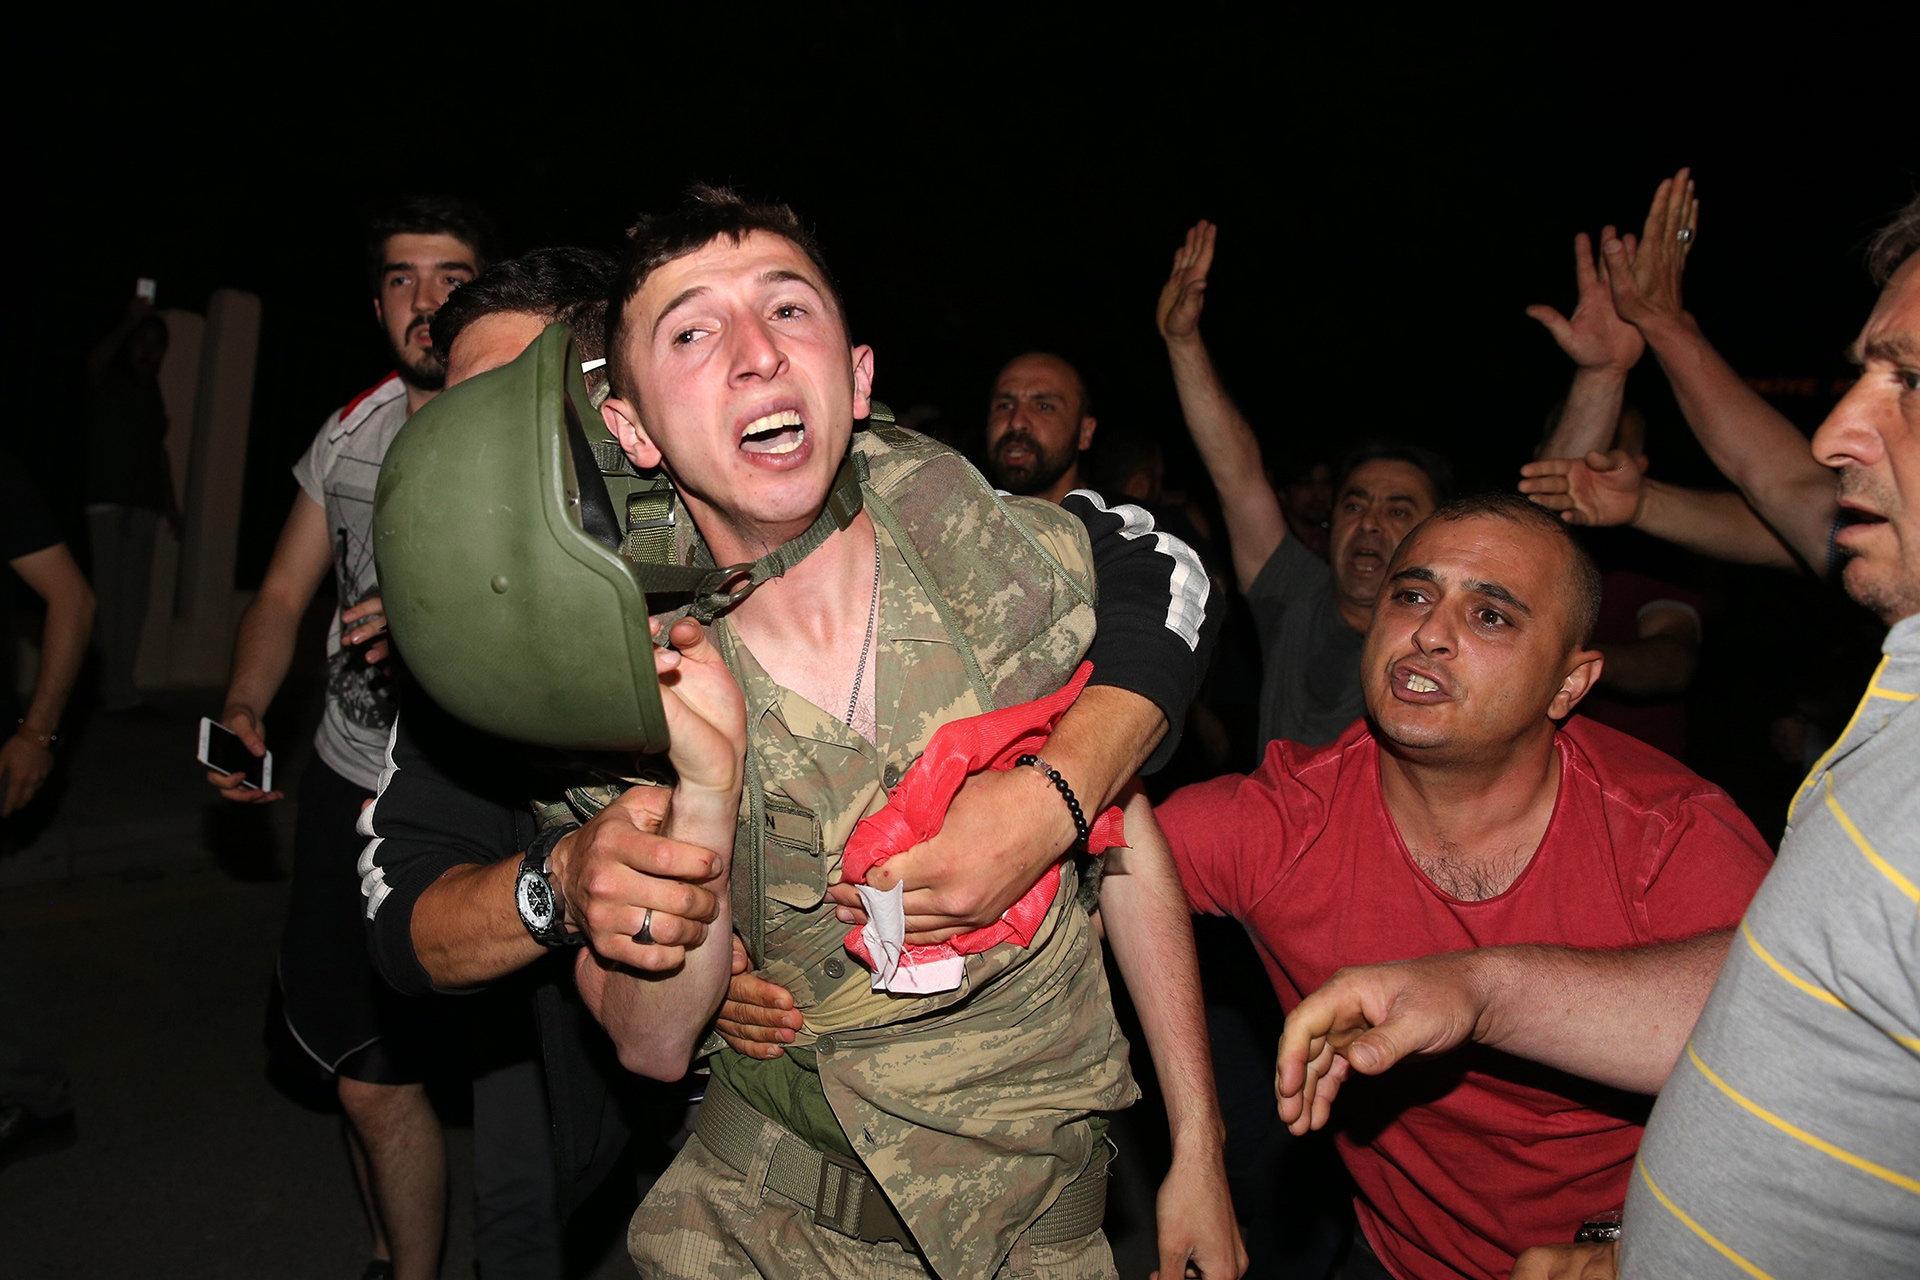 Türkische Männer kämpfen mit Soldaten um Militärputsch zu verhindern  (Foto: picture alliance / abaca)